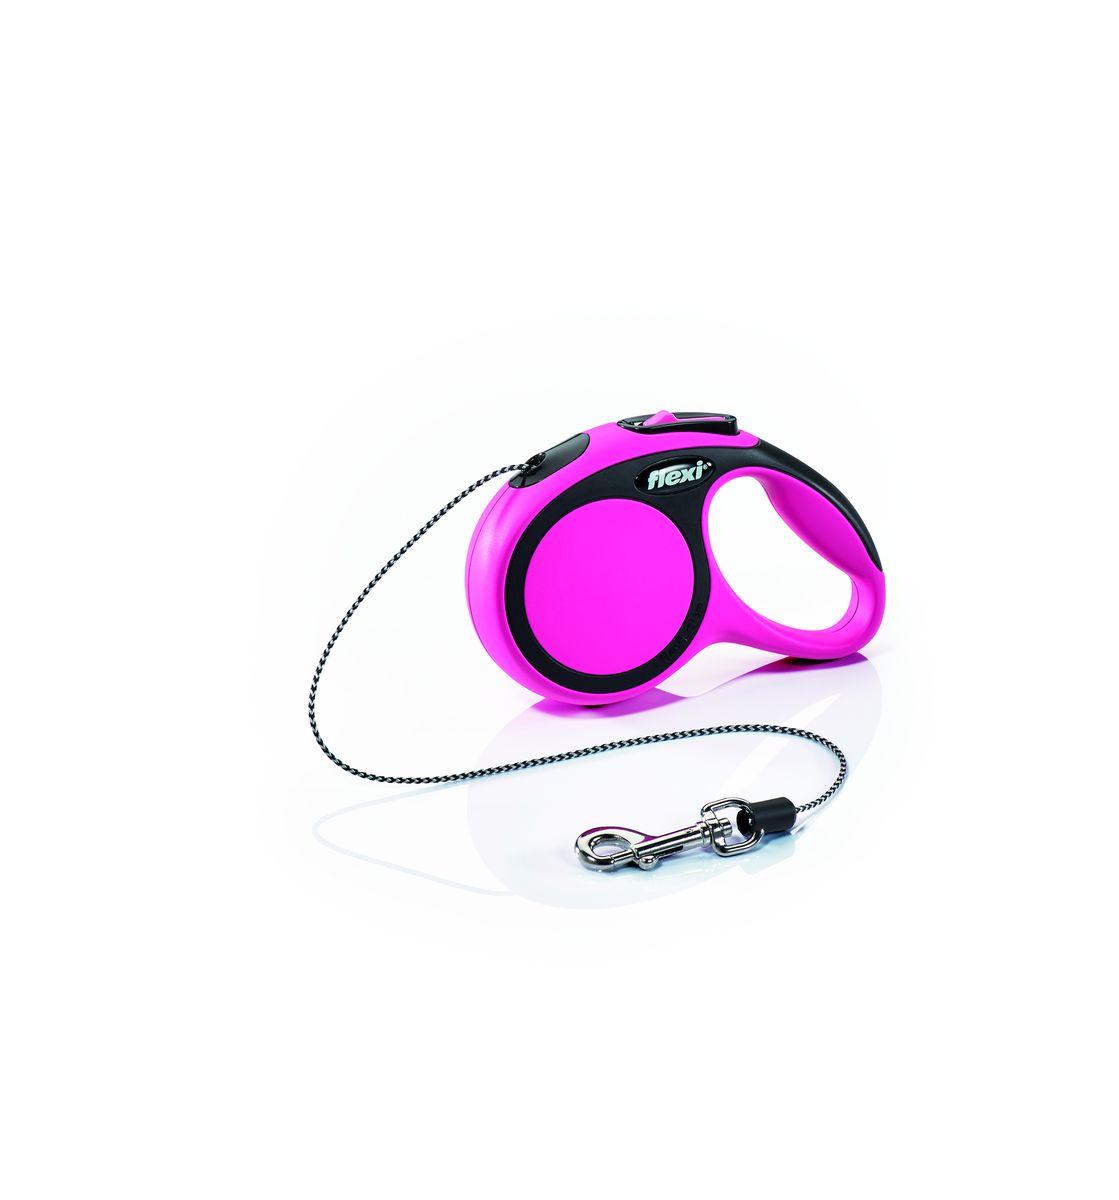 Поводок-рулетка Flexi New Comfort XS, трос, для собак весом до 8 кг, цвет: черный, розовый, 3 м28711Тросовый поводок-рулетка обеспечивает каждой собаке свободу движения, что идет на пользу здоровью и радует Вашего четвероногого друга. Рулетка очень проста в использовании. Оснащена кнопками кратковременной и постоянной фиксации. Прочный корпус, хромированная застежка и светоотражающие элементы. Длина 3 м. Для собак весом до 8 кг